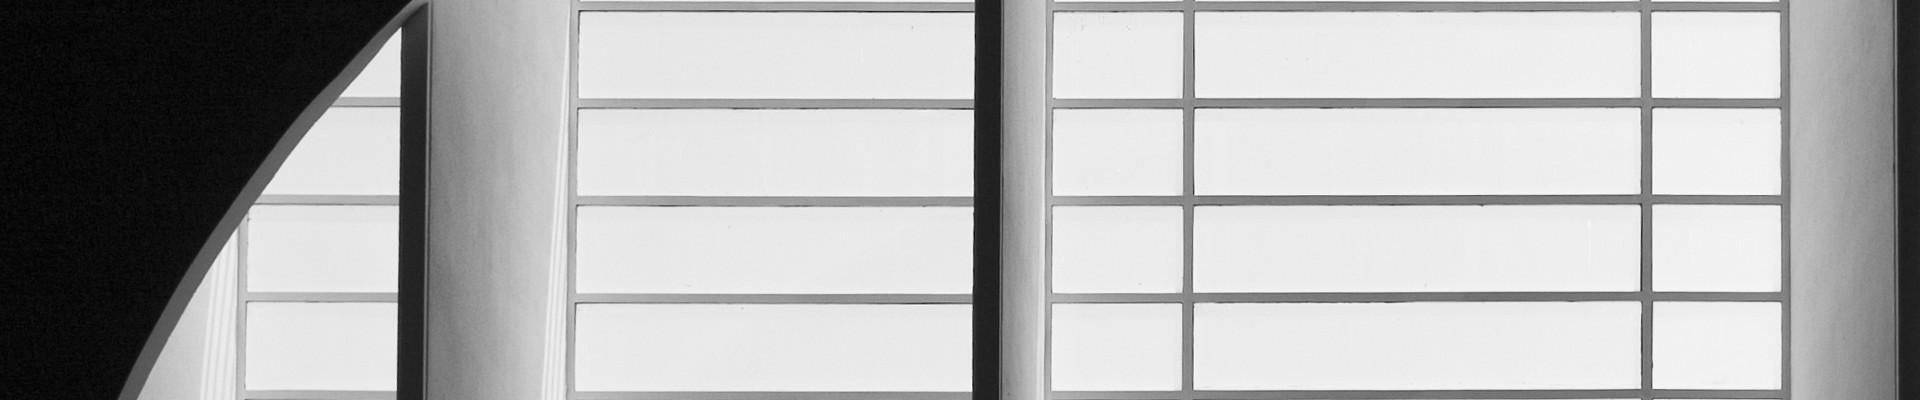 finestra-moderna